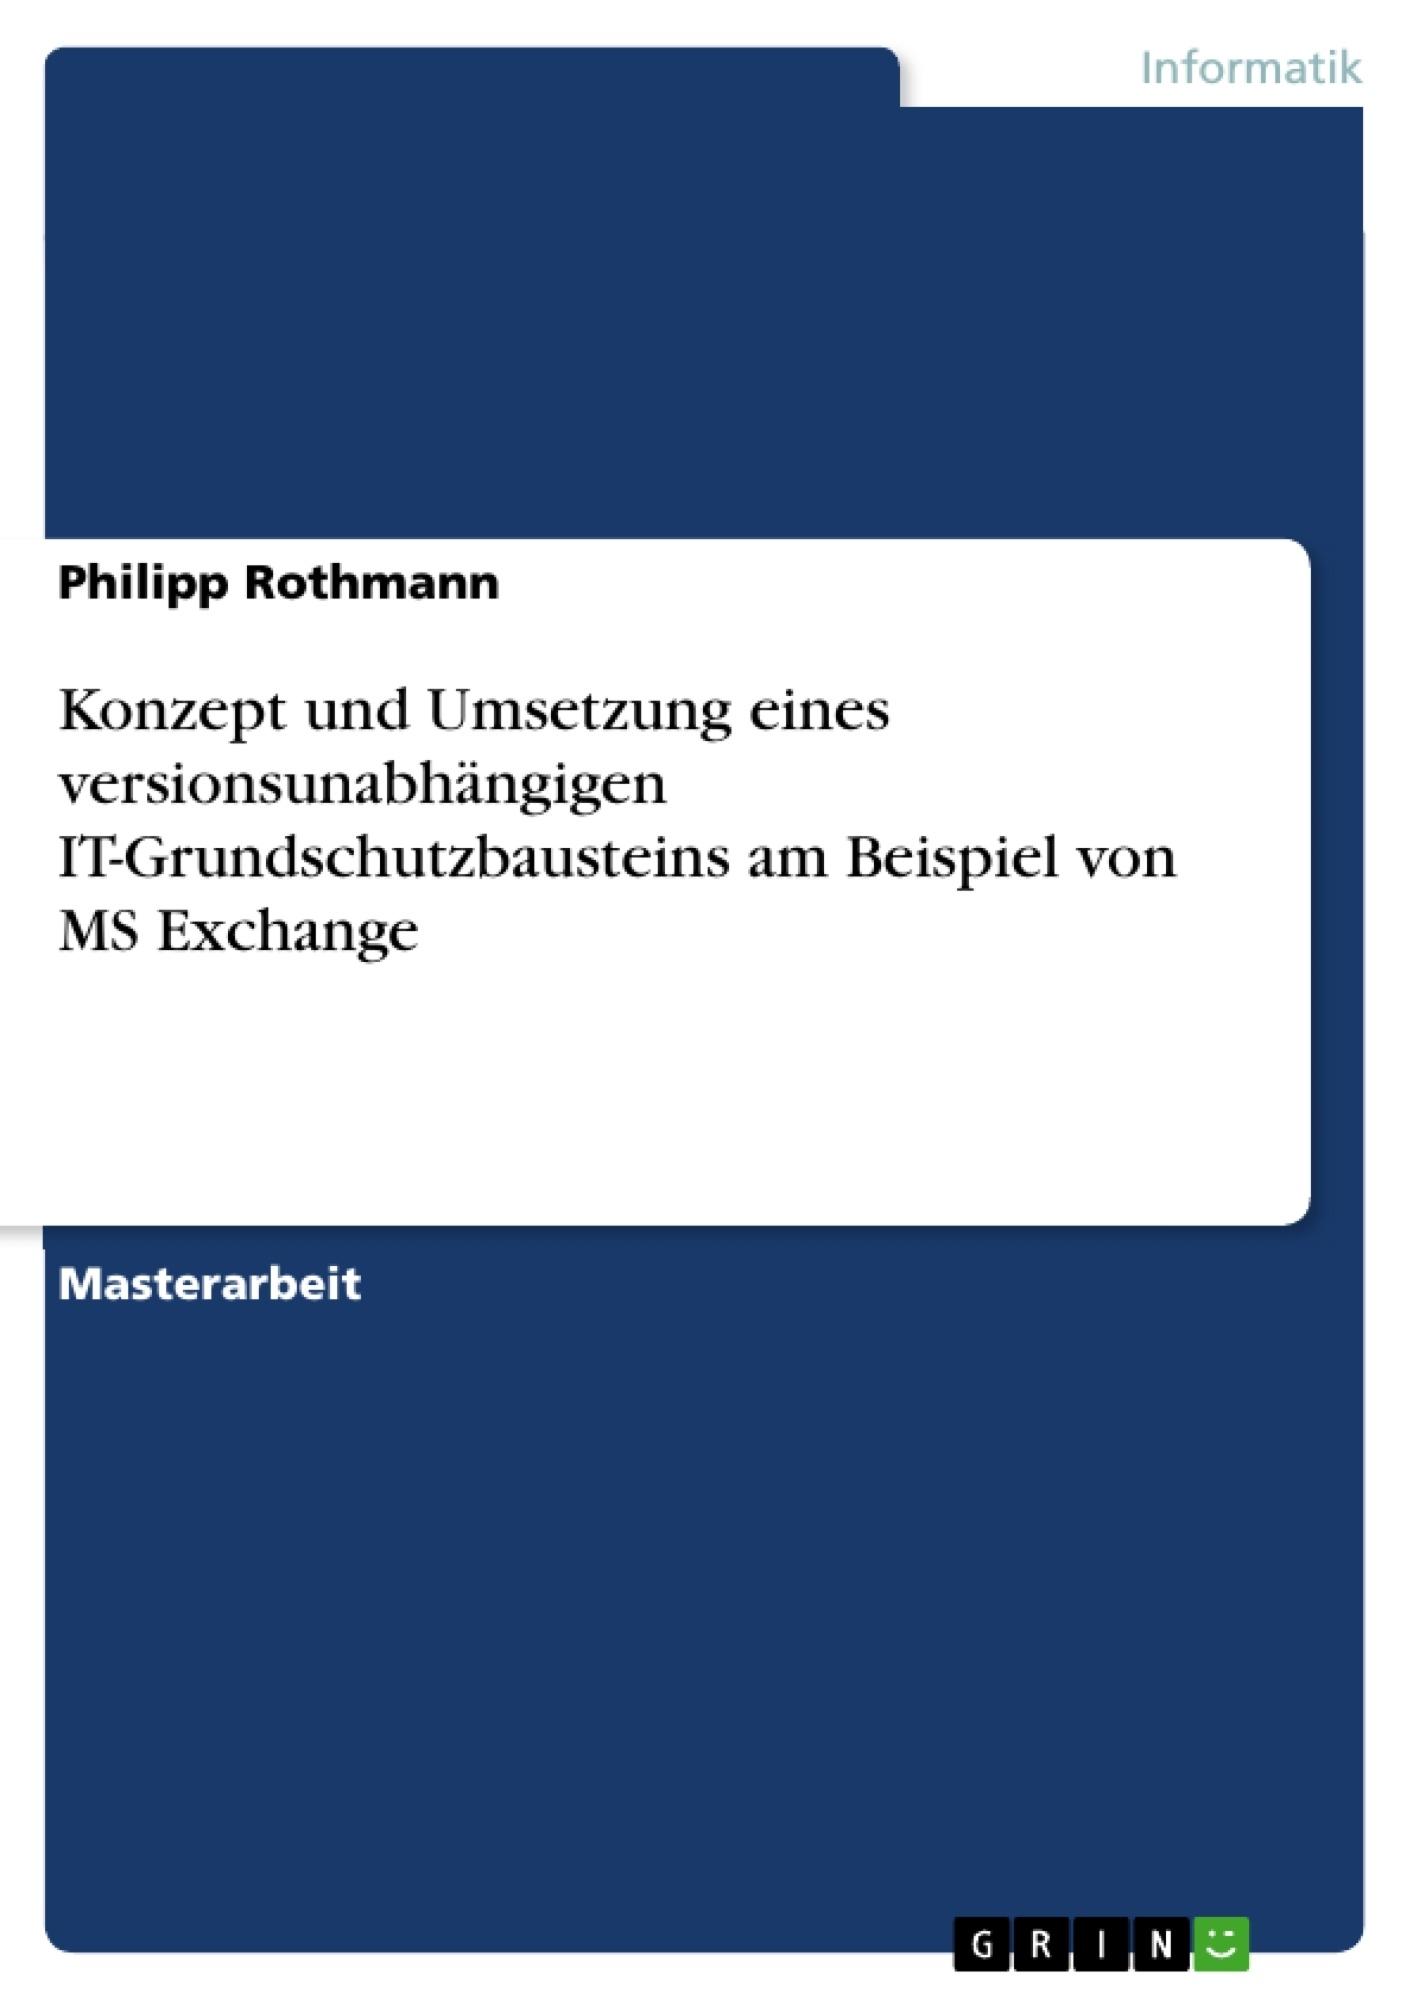 Titel: Konzept und Umsetzung eines versionsunabhängigen IT-Grundschutzbausteins am Beispiel von MS Exchange